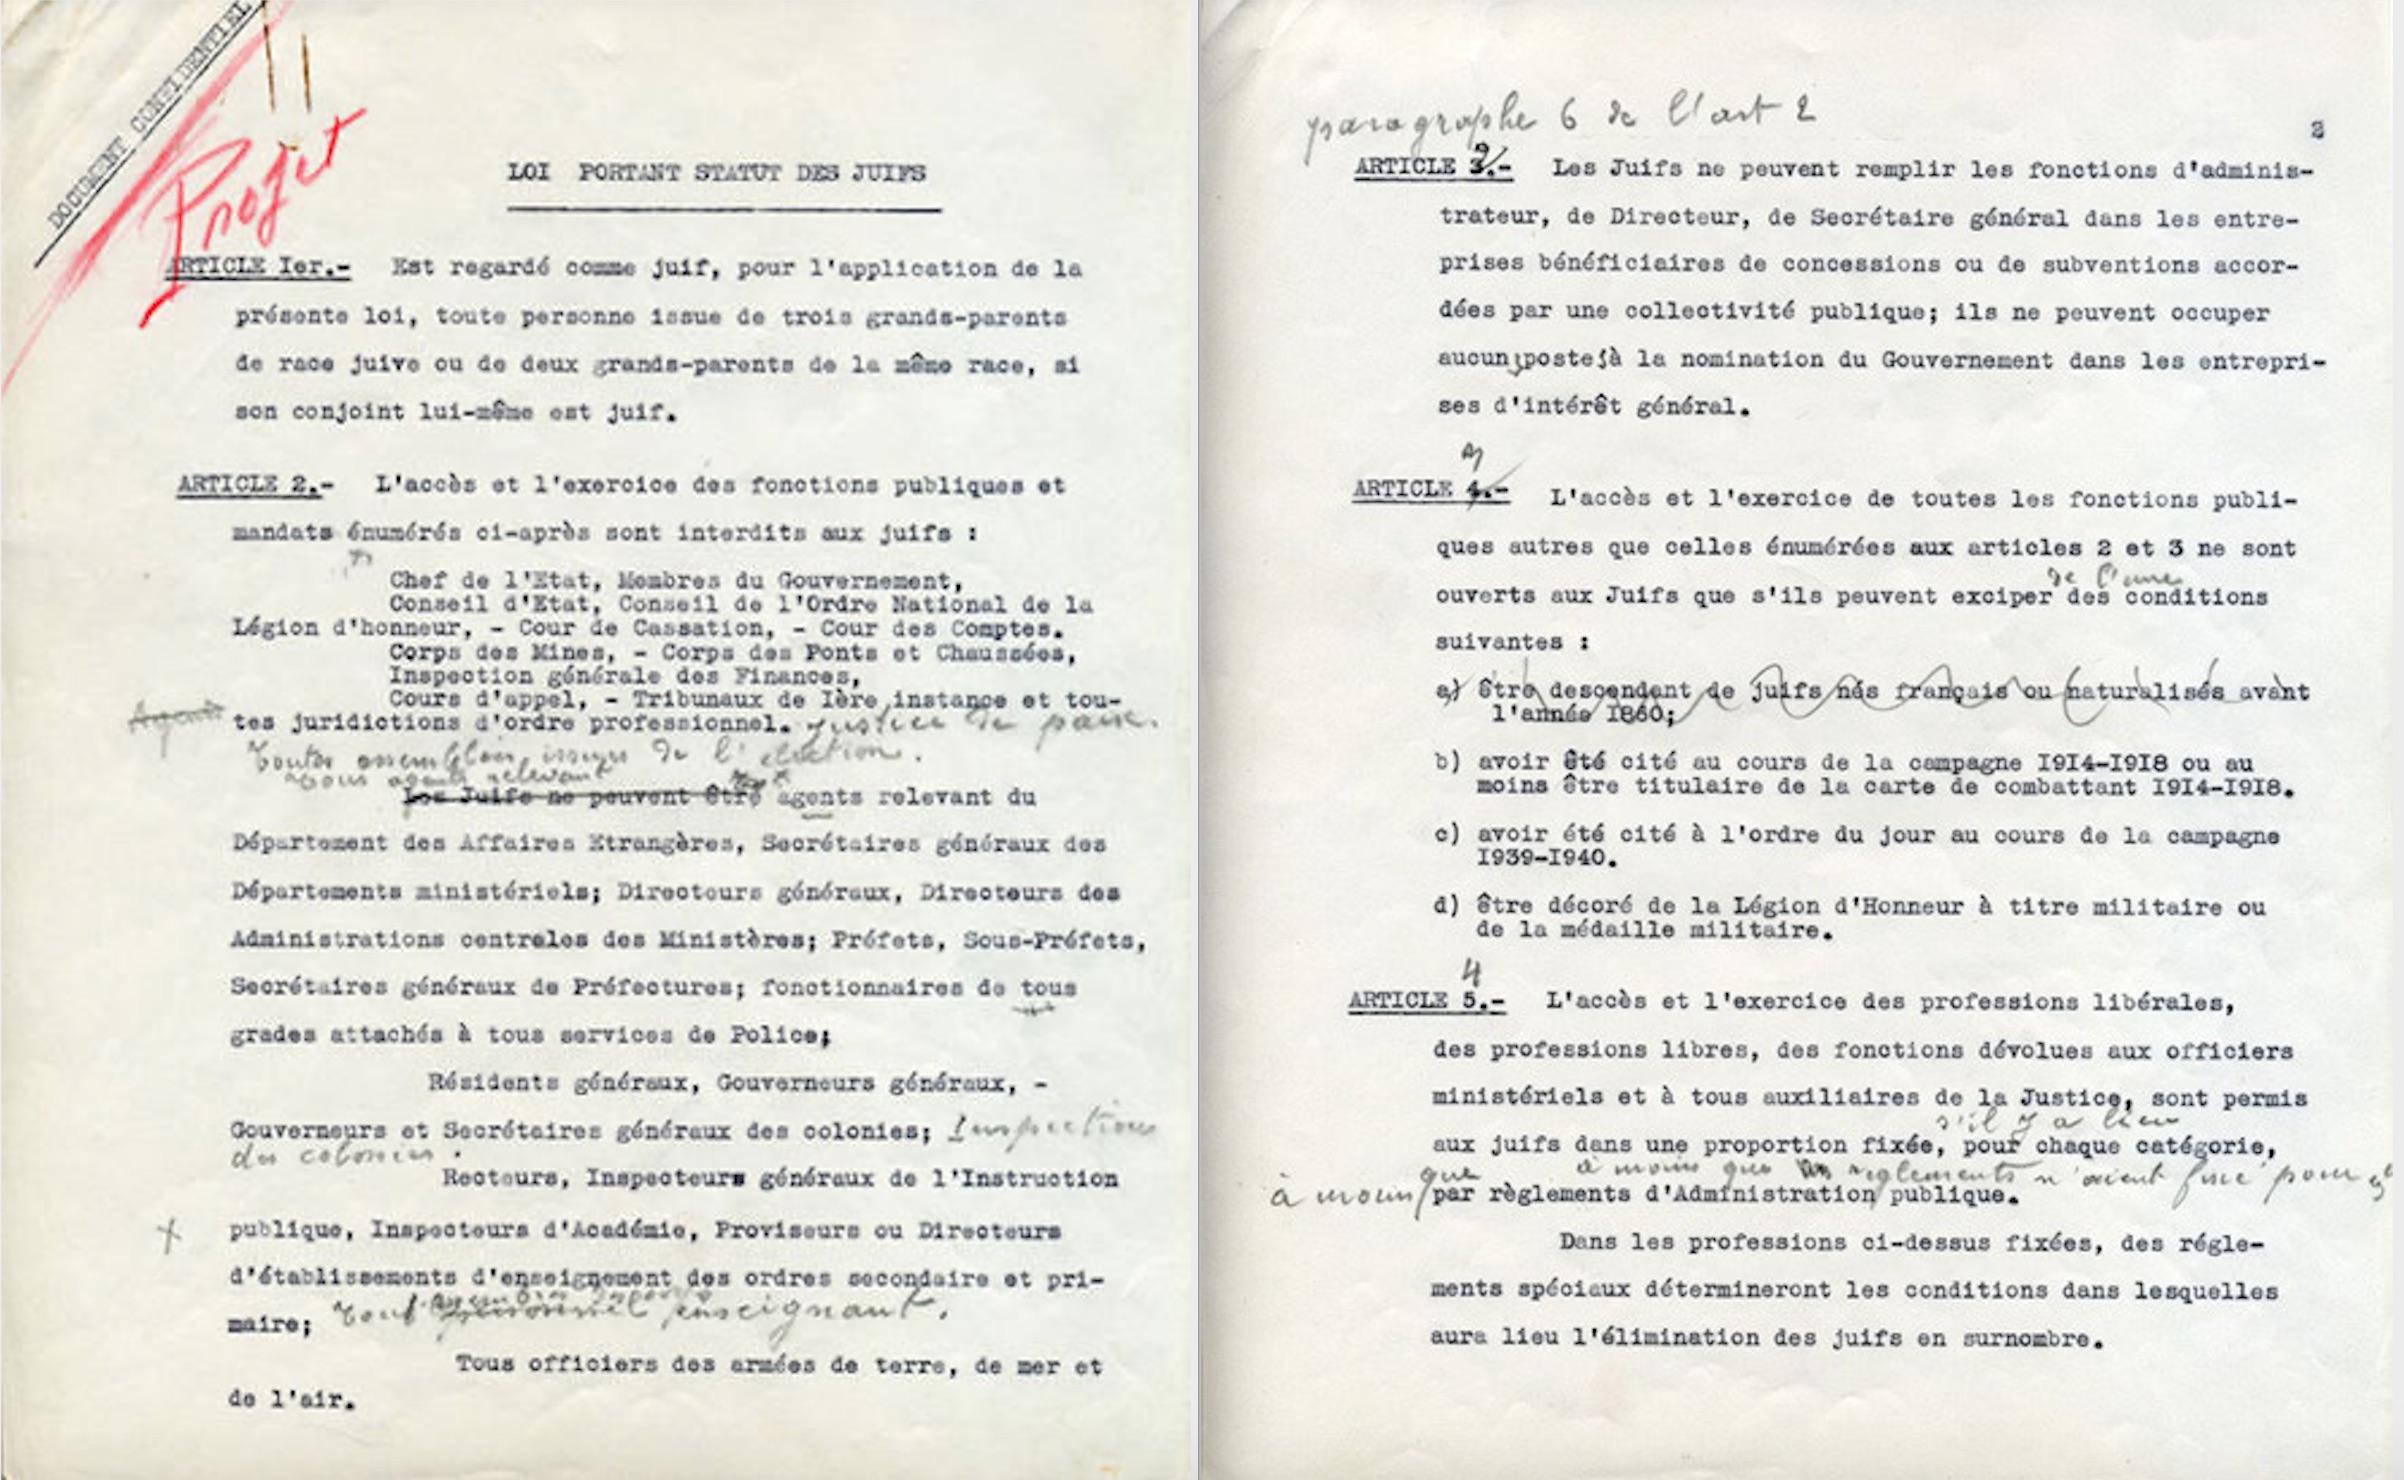 Le manuscrit retrouvé de l'Extrait de Loi du 3 octobre 1940 « portant statut des Juifs », également appelée « premier statut des Juifs ». L'acte édicté par le régime de Vichy est annoté de la main du Maréchal Pétain (Pages 1 et 2)